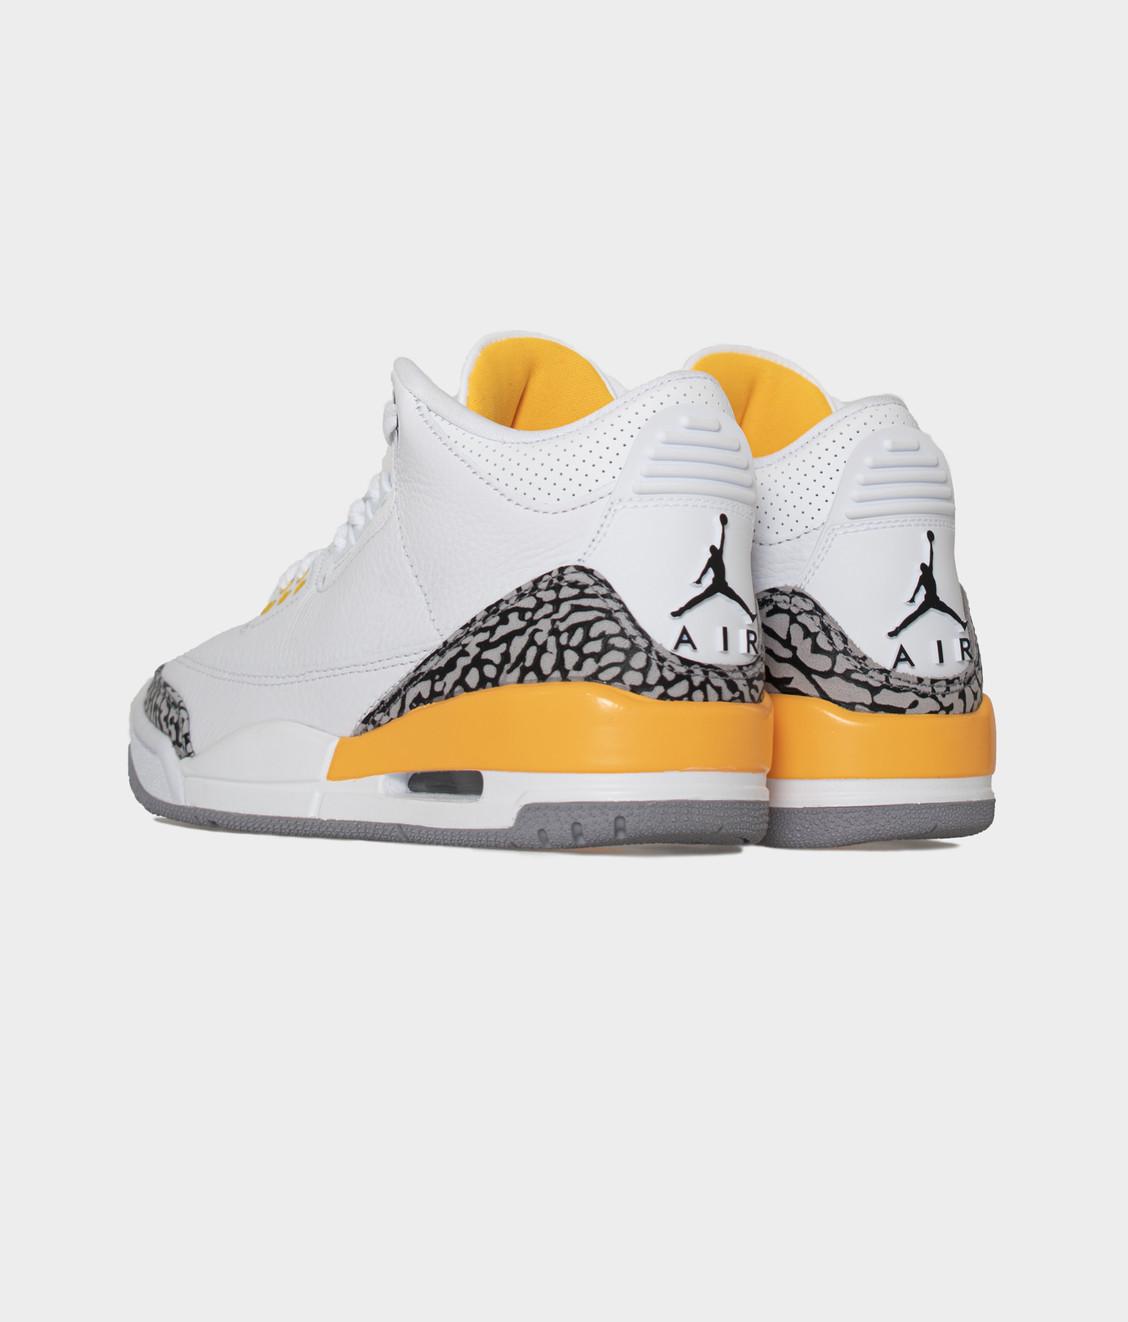 Nike Air Jordan 3 W Laser Orange